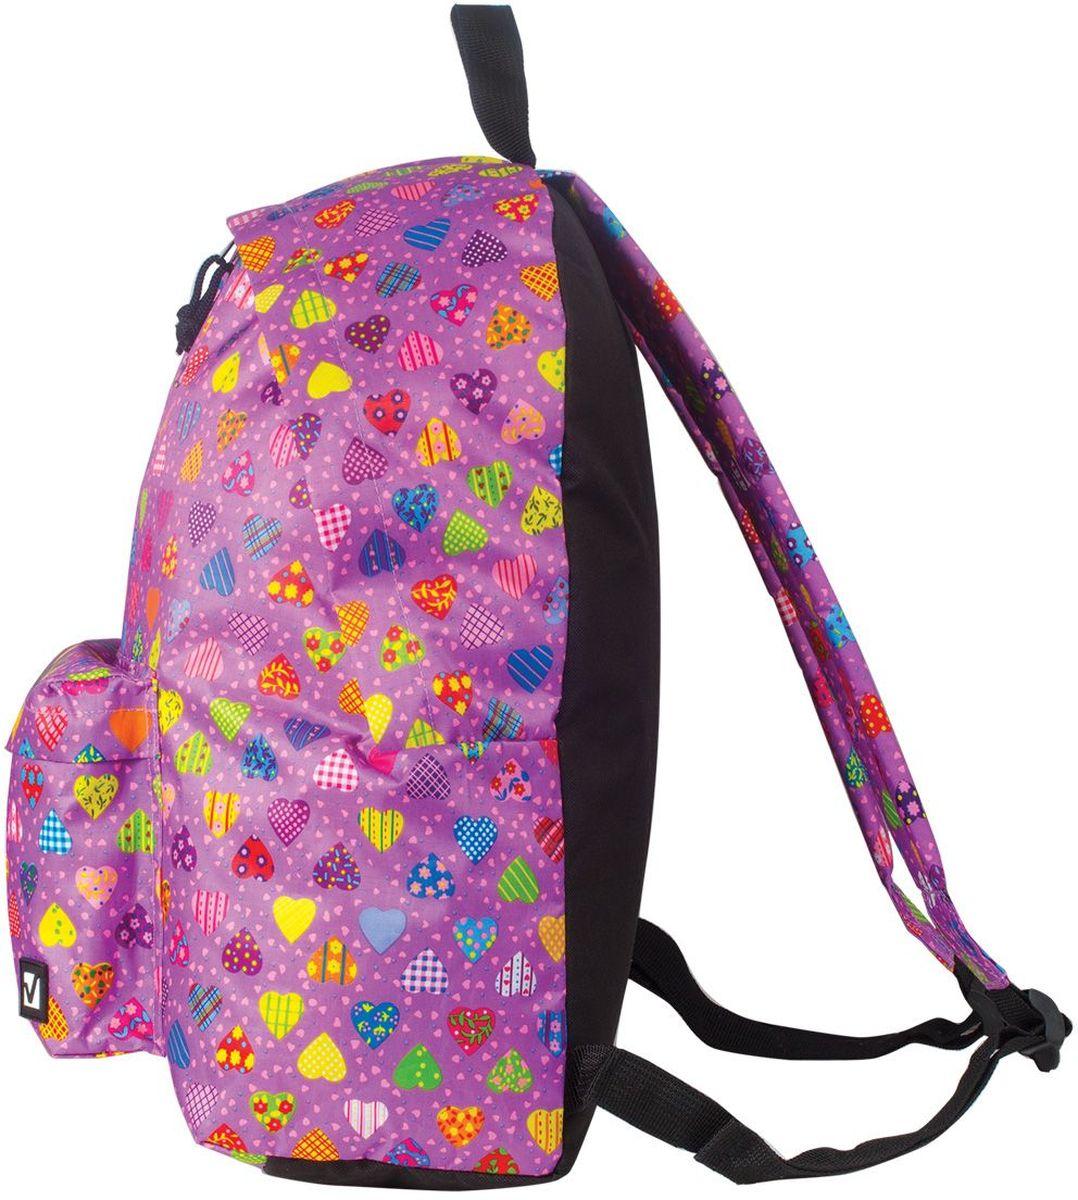 Рюкзак Сердечки предназначен для учеников старших классов и студентов. Надежный рюкзак со стильным дизайном подчеркнет индивидуальность, а неизменная функциональность великолепно проявит себя в любой ситуации.•1 отделение, 1 карман. •Водоотталкивающая ткань. •Широкие регулируемые лямки. •Материал - рипстоп. •Увеличенный объем. •Размер: 43*34*15 см. •Объем: 23 л. •Вес: 0,37 кг.